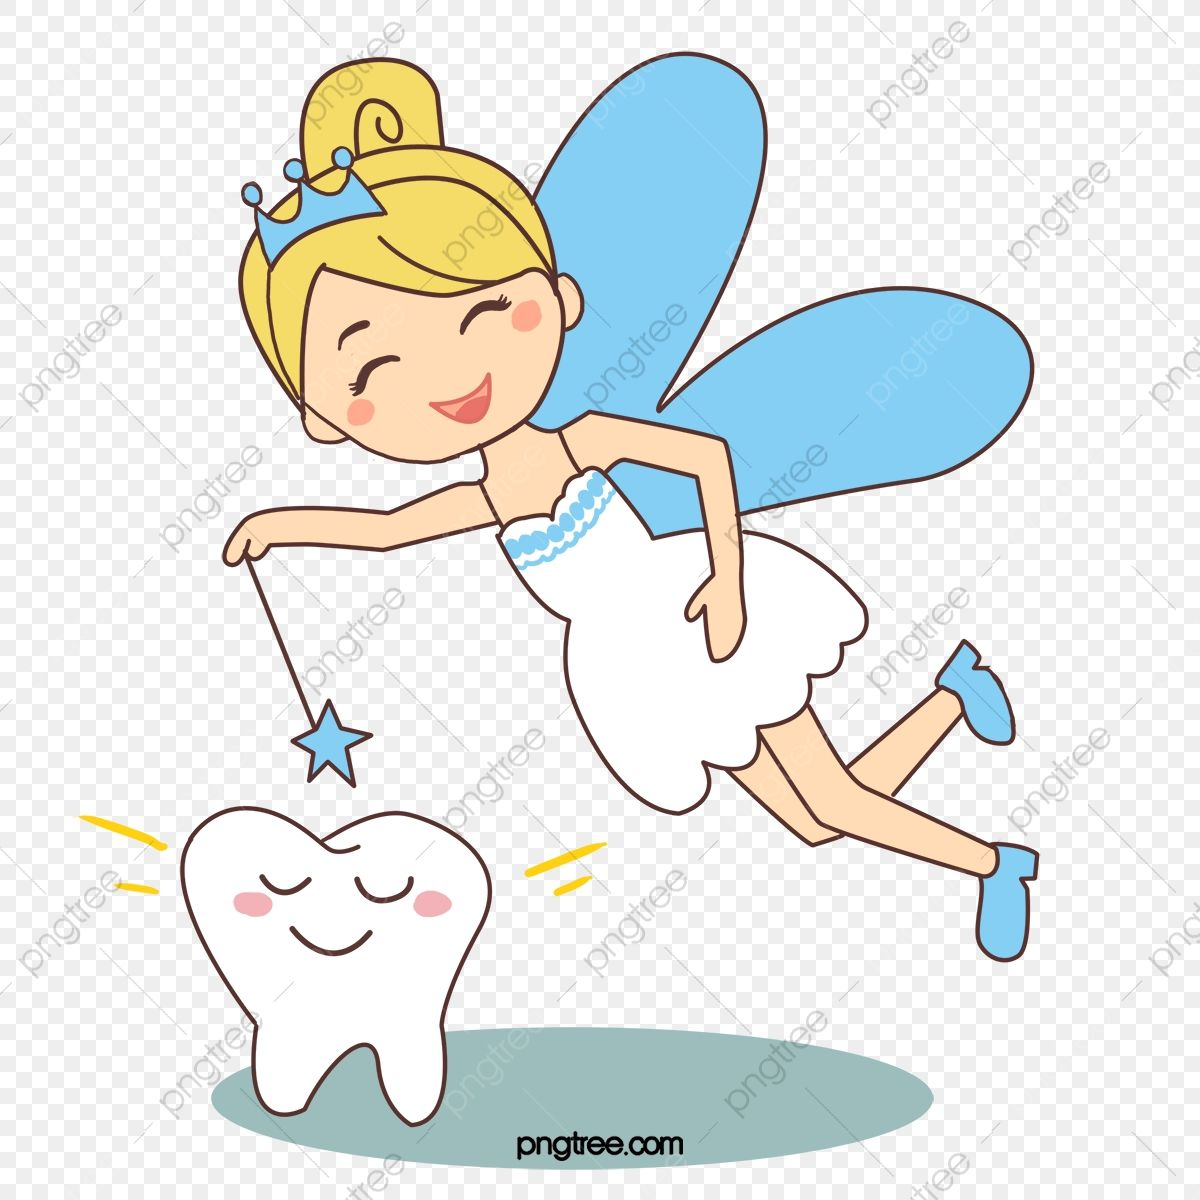 Vector Pintado Hada De Diente Pequeno Clipart De Hadas Vector Pintado A Mano Png Y Psd Para Descargar Gratis Pngtree Tooth Fairy Graphic Resources Fairy